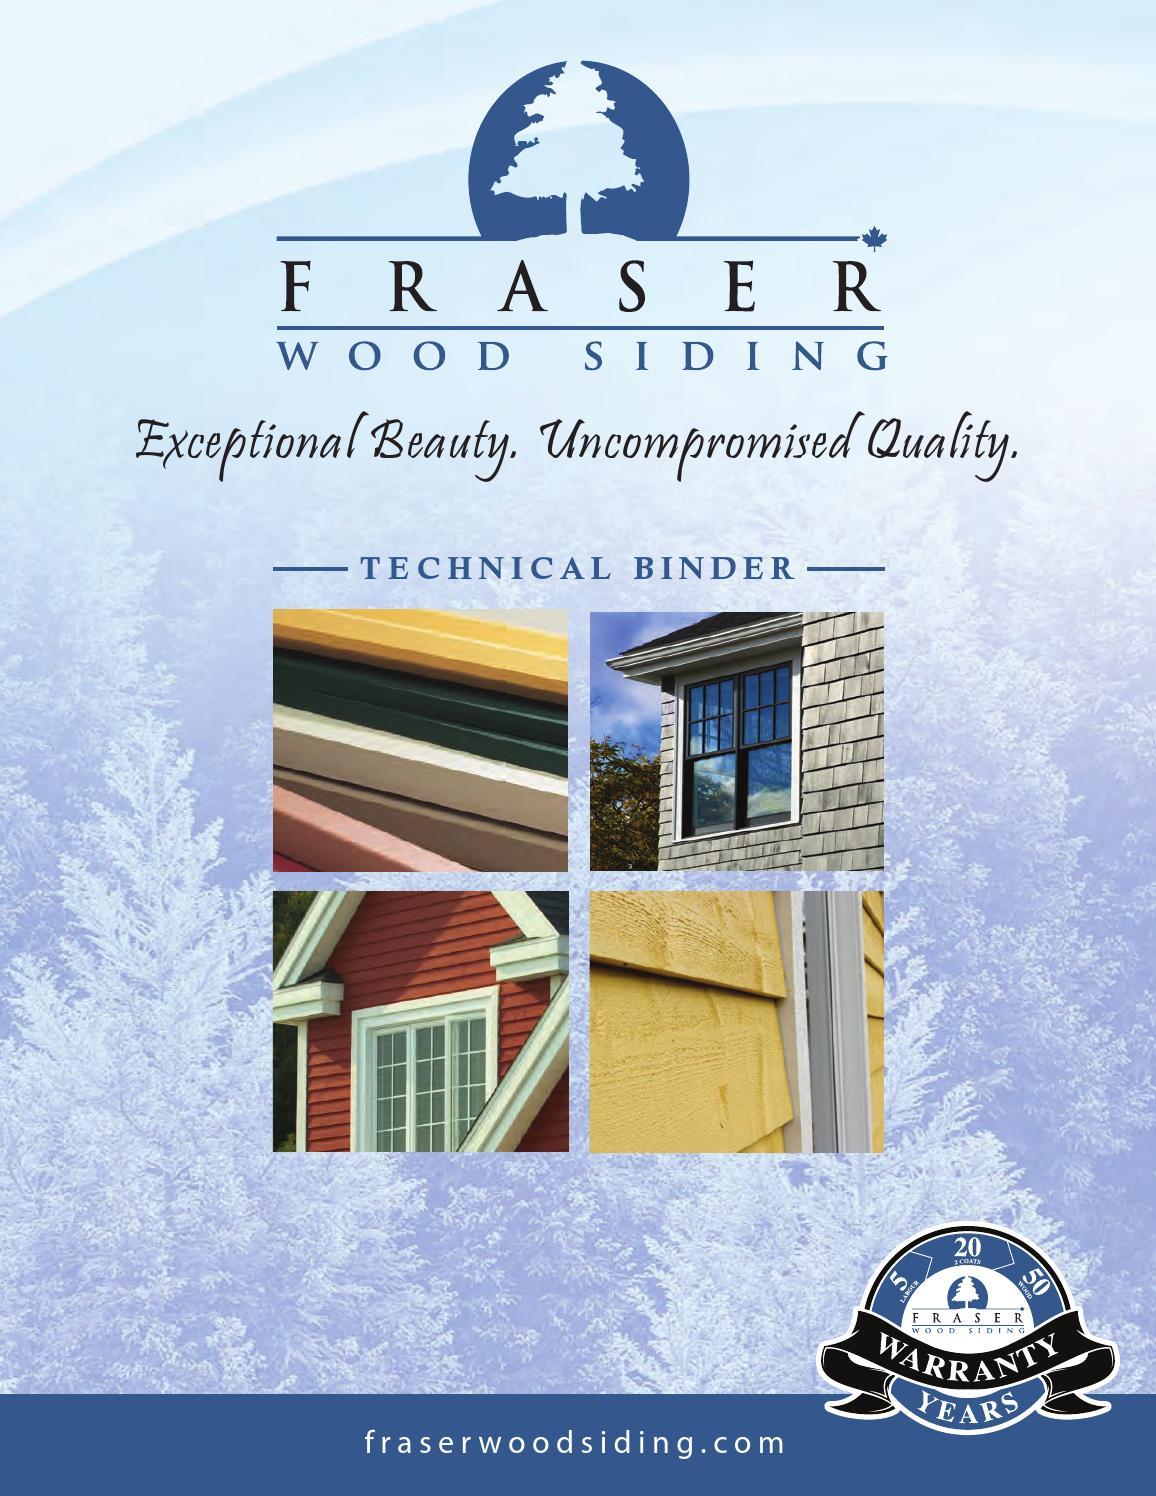 Fws Tech Binder July2014 Eng Web By Fraser Wood Siding Issuu